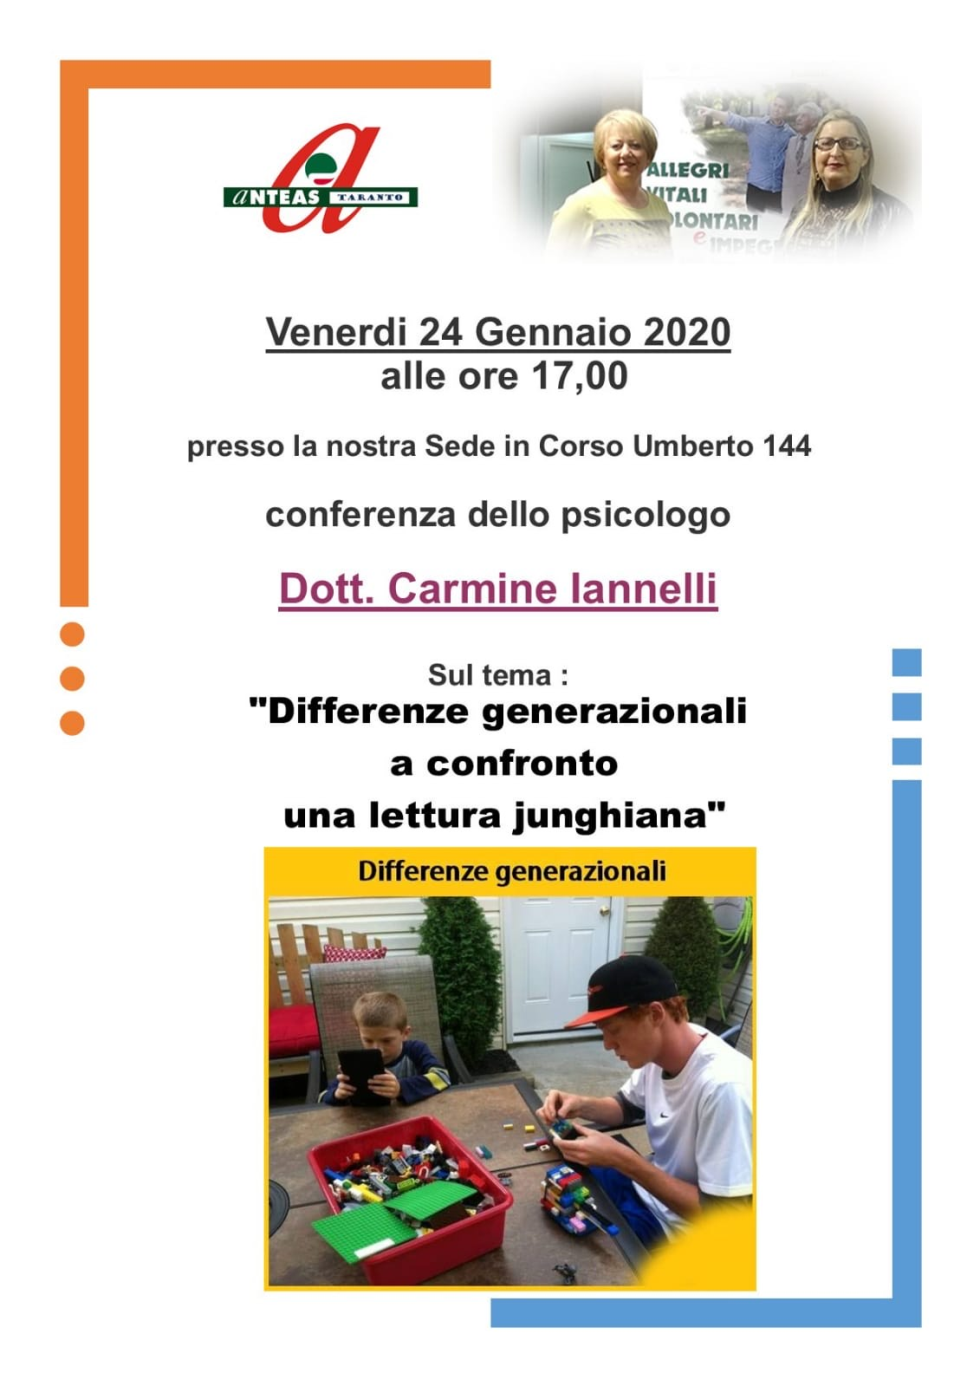 Conferenza con lo psicologo sulle differenze generazionali, con Anteas Taranto